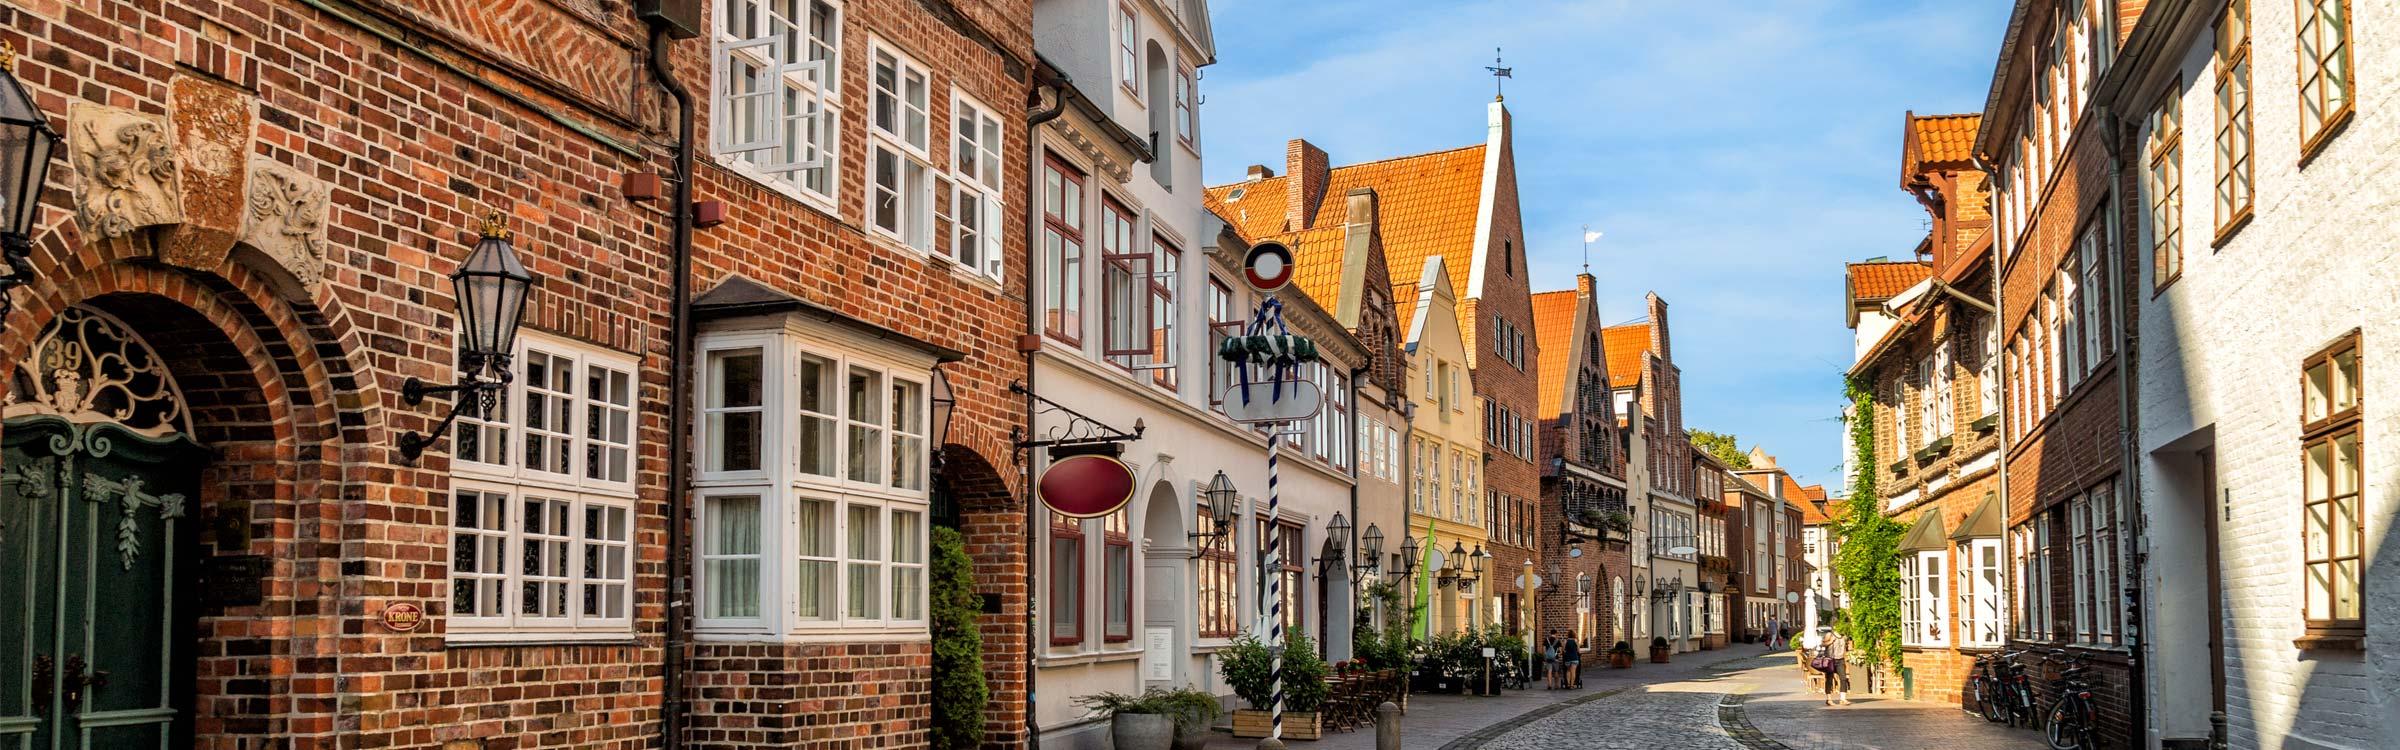 Immobilienmakler Lüneburg Pape Immobilien